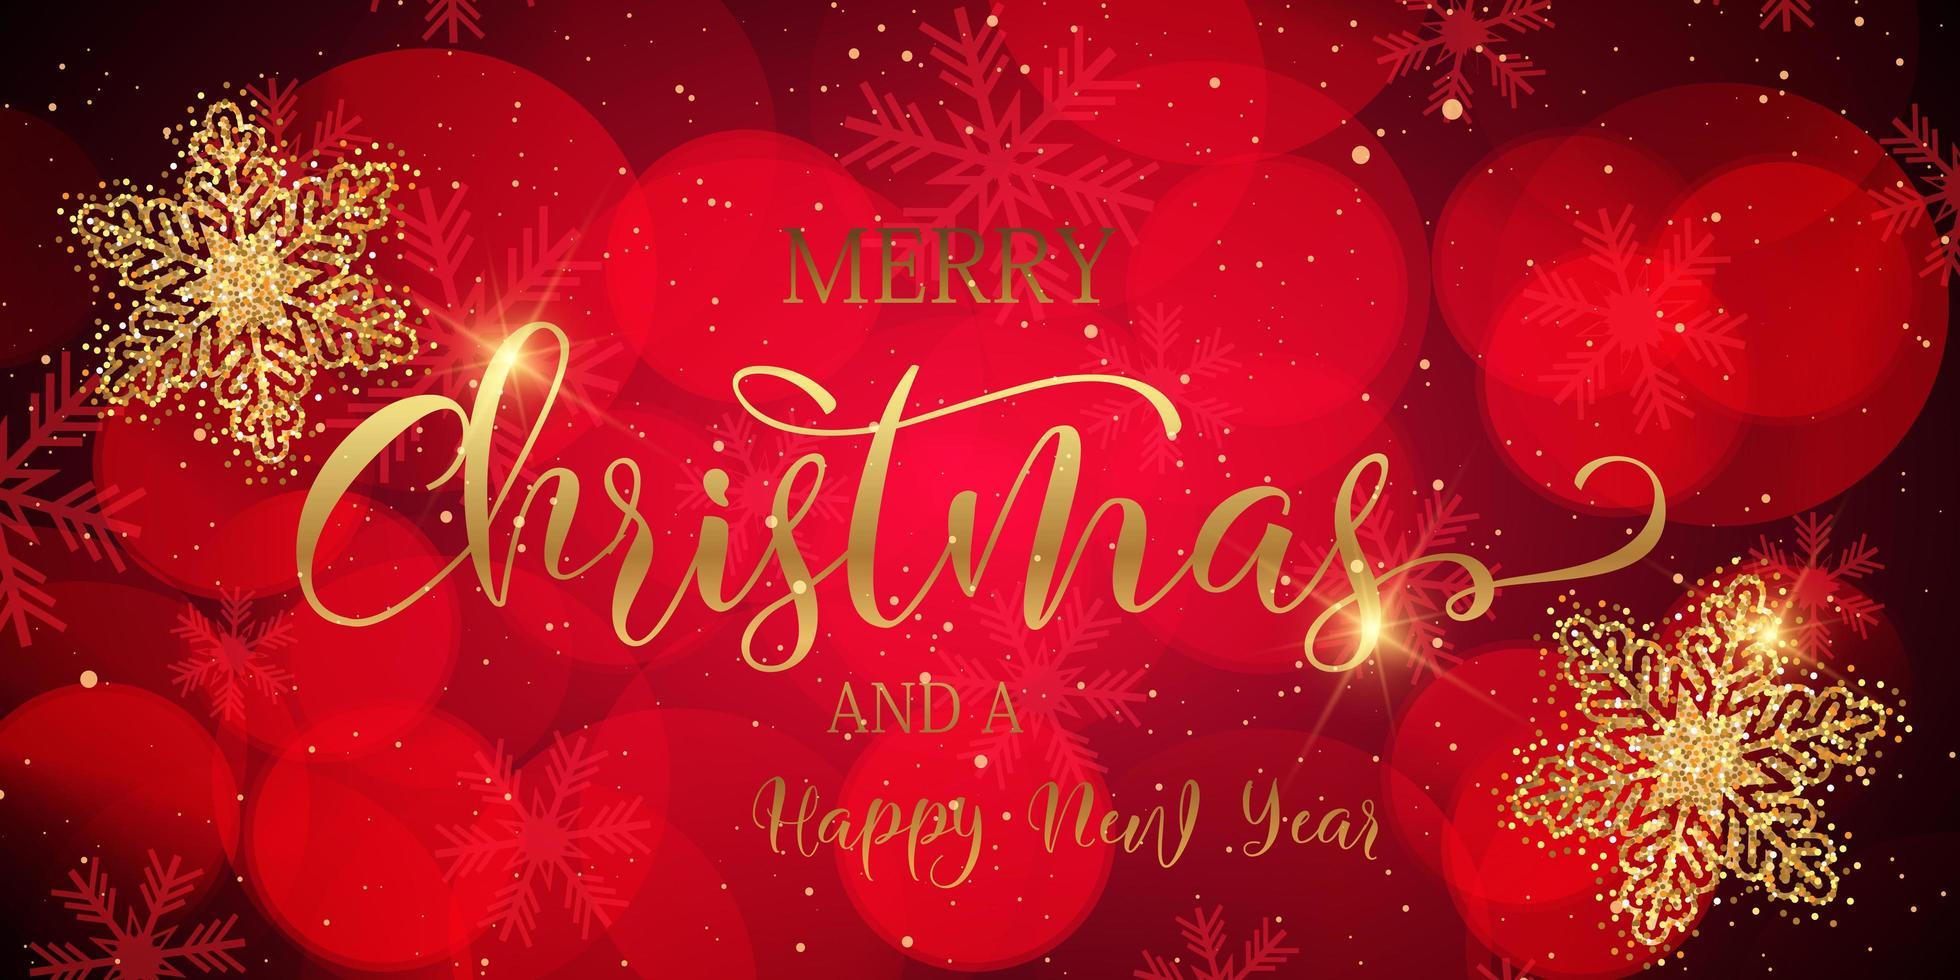 bannière de Noël avec des flocons de neige scintillants et du texte décoratif vecteur